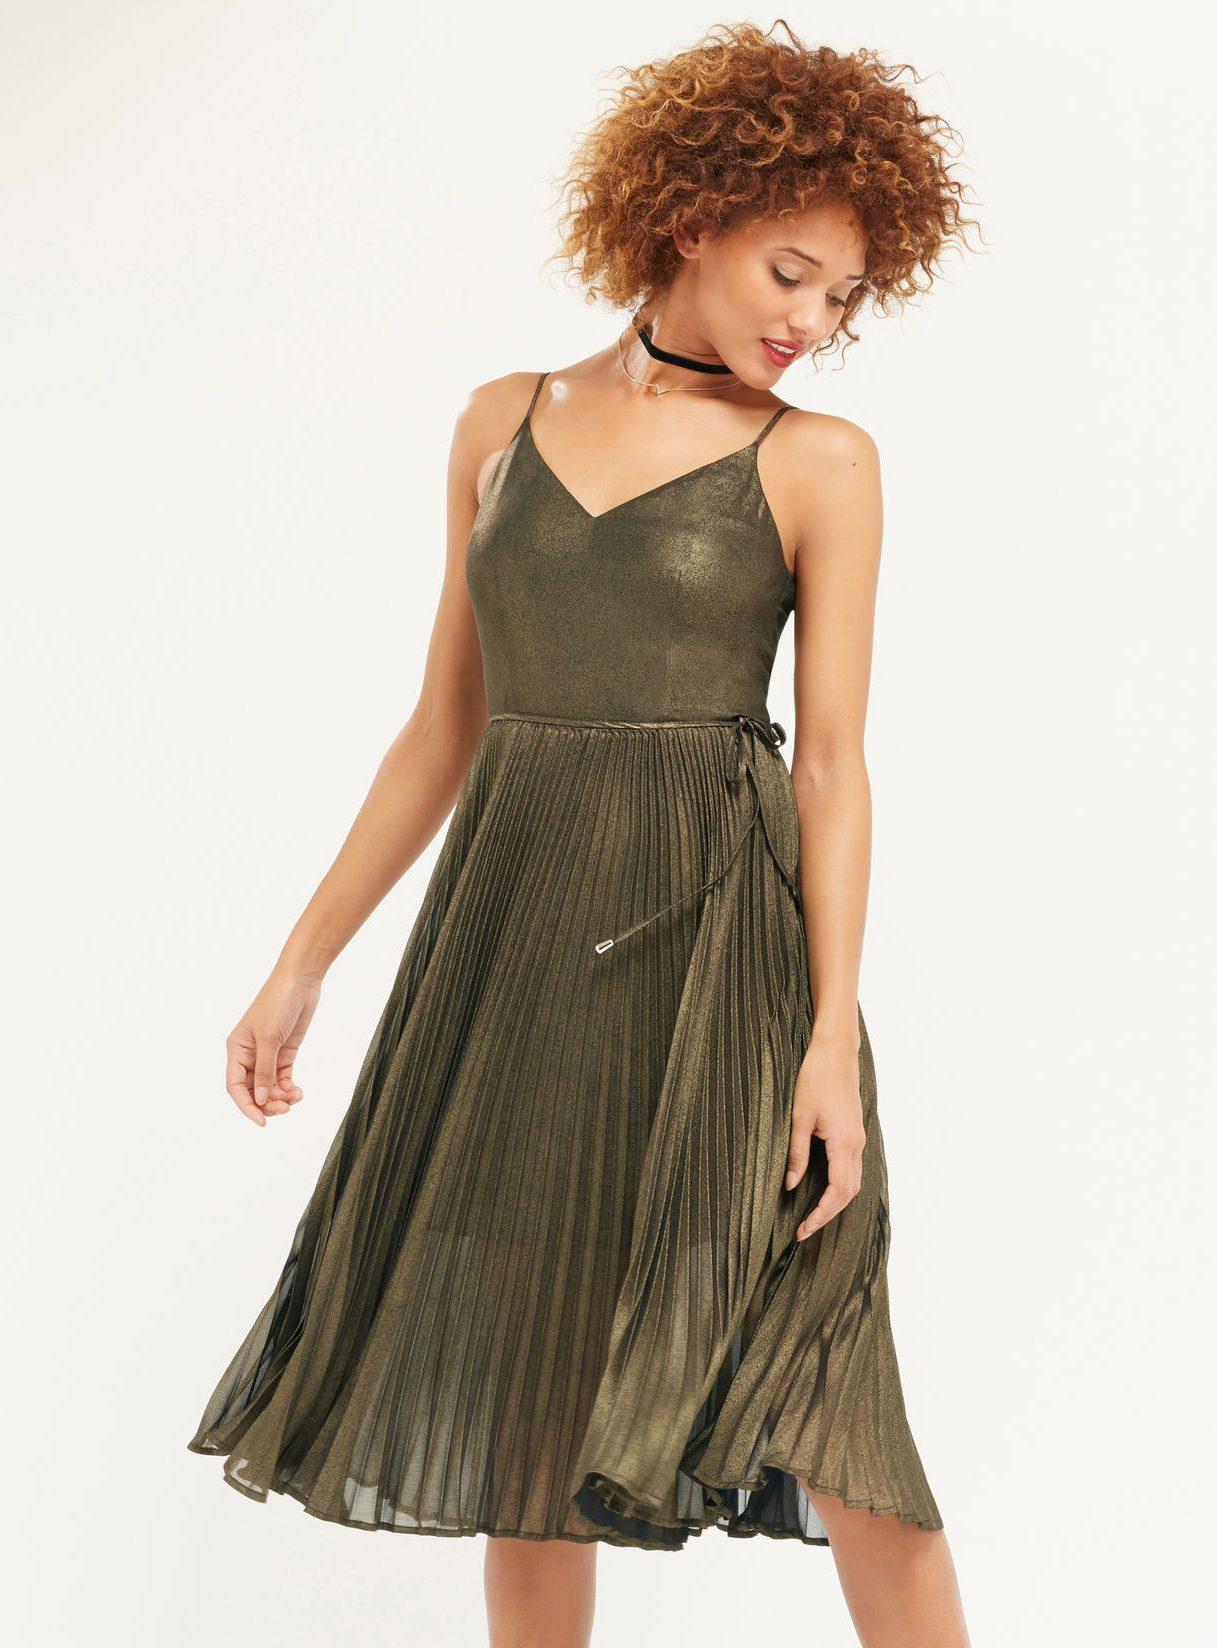 22 mẫu váy đẹp cho mùa Giáng sinh và năm mới - OASIS